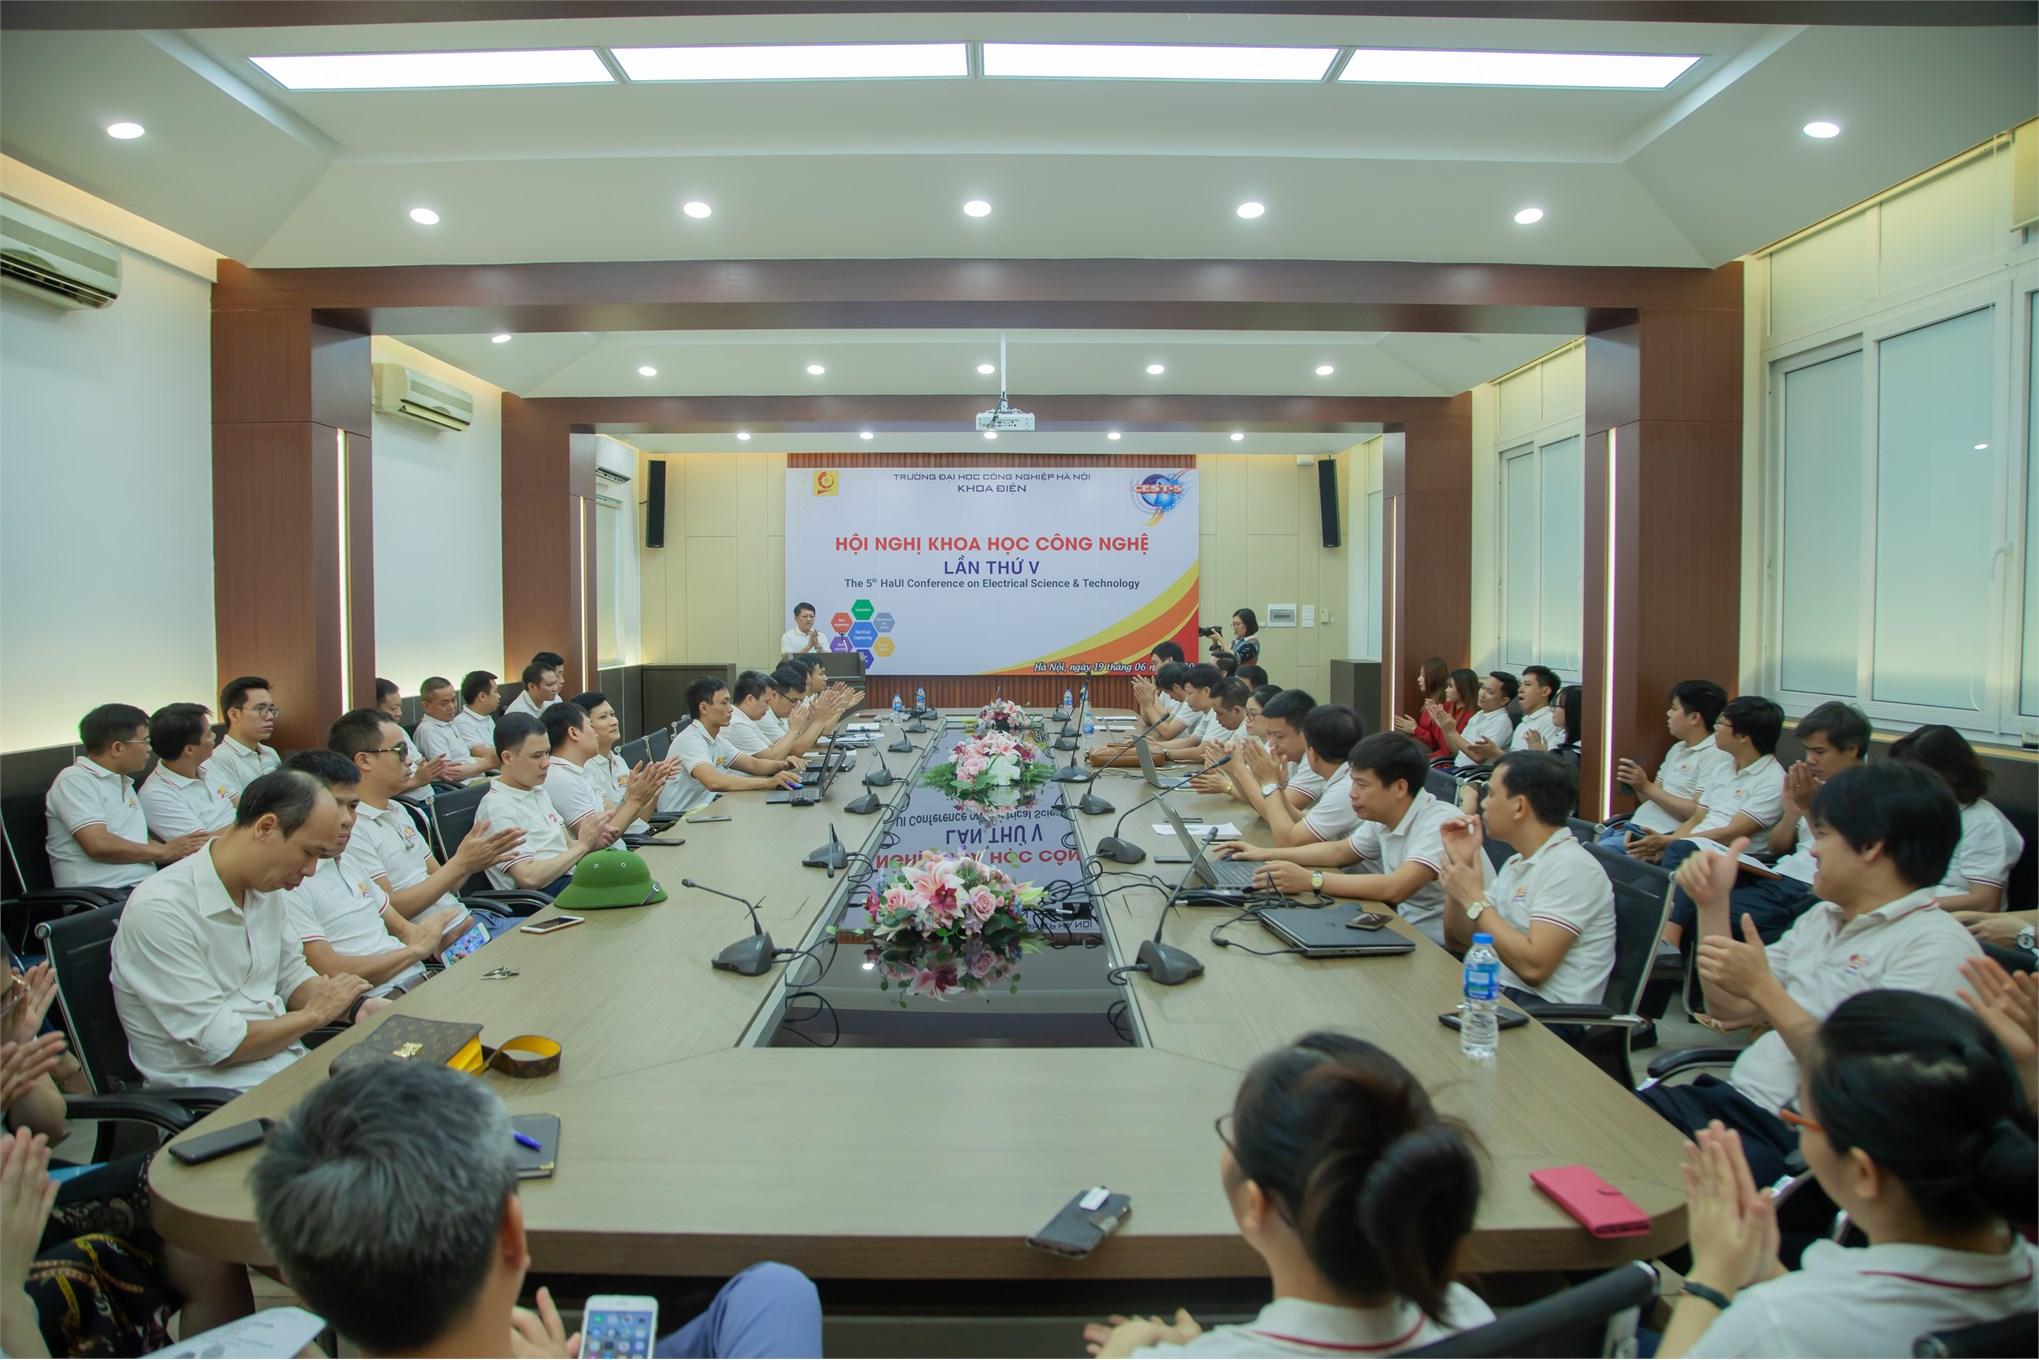 Hội nghị Khoa học Công nghệ khoa Điện lần thứ V thành công tốt đẹp